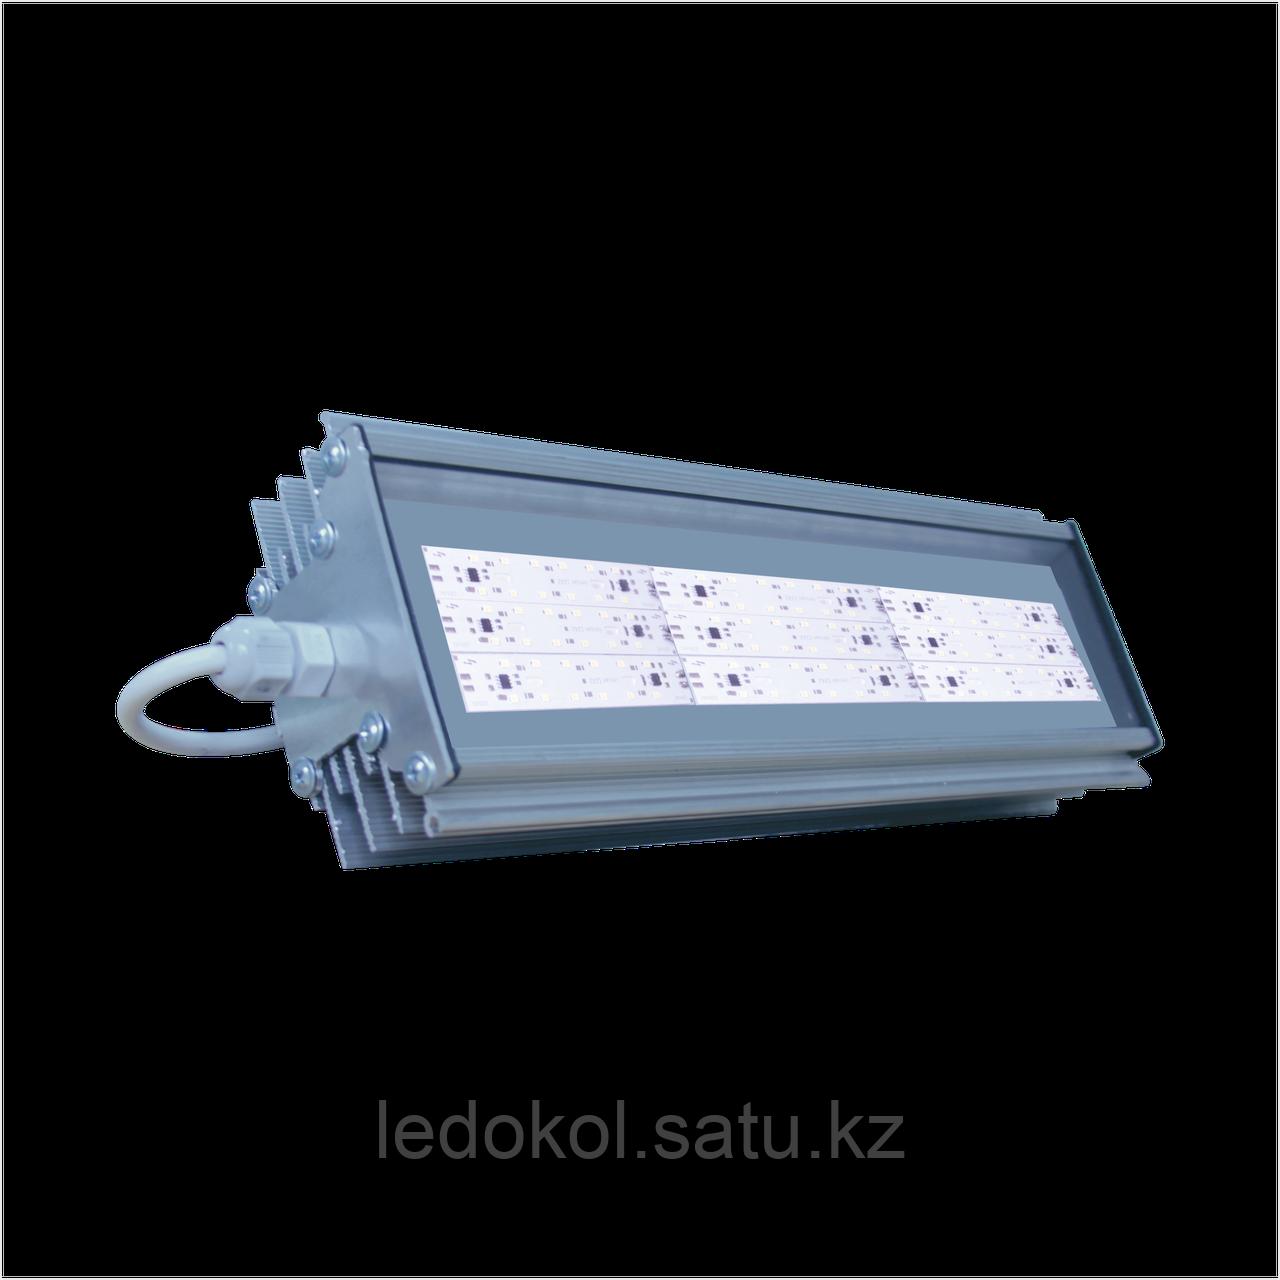 Светильник 90 Вт, Промышленный светодиодный, алюминиевый корпус